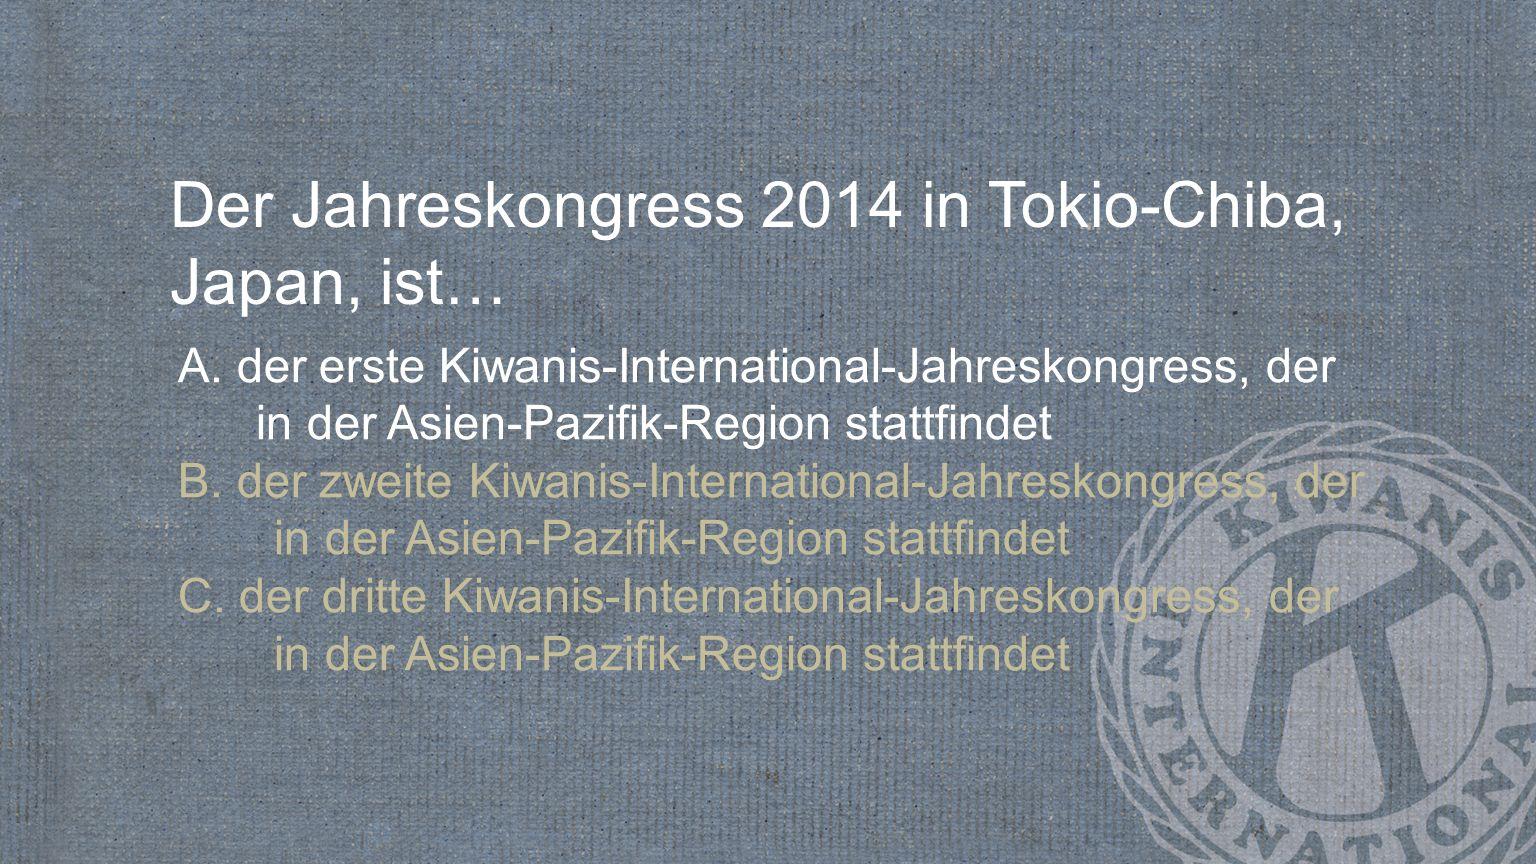 Der Jahreskongress 2014 in Tokio-Chiba, Japan, ist…